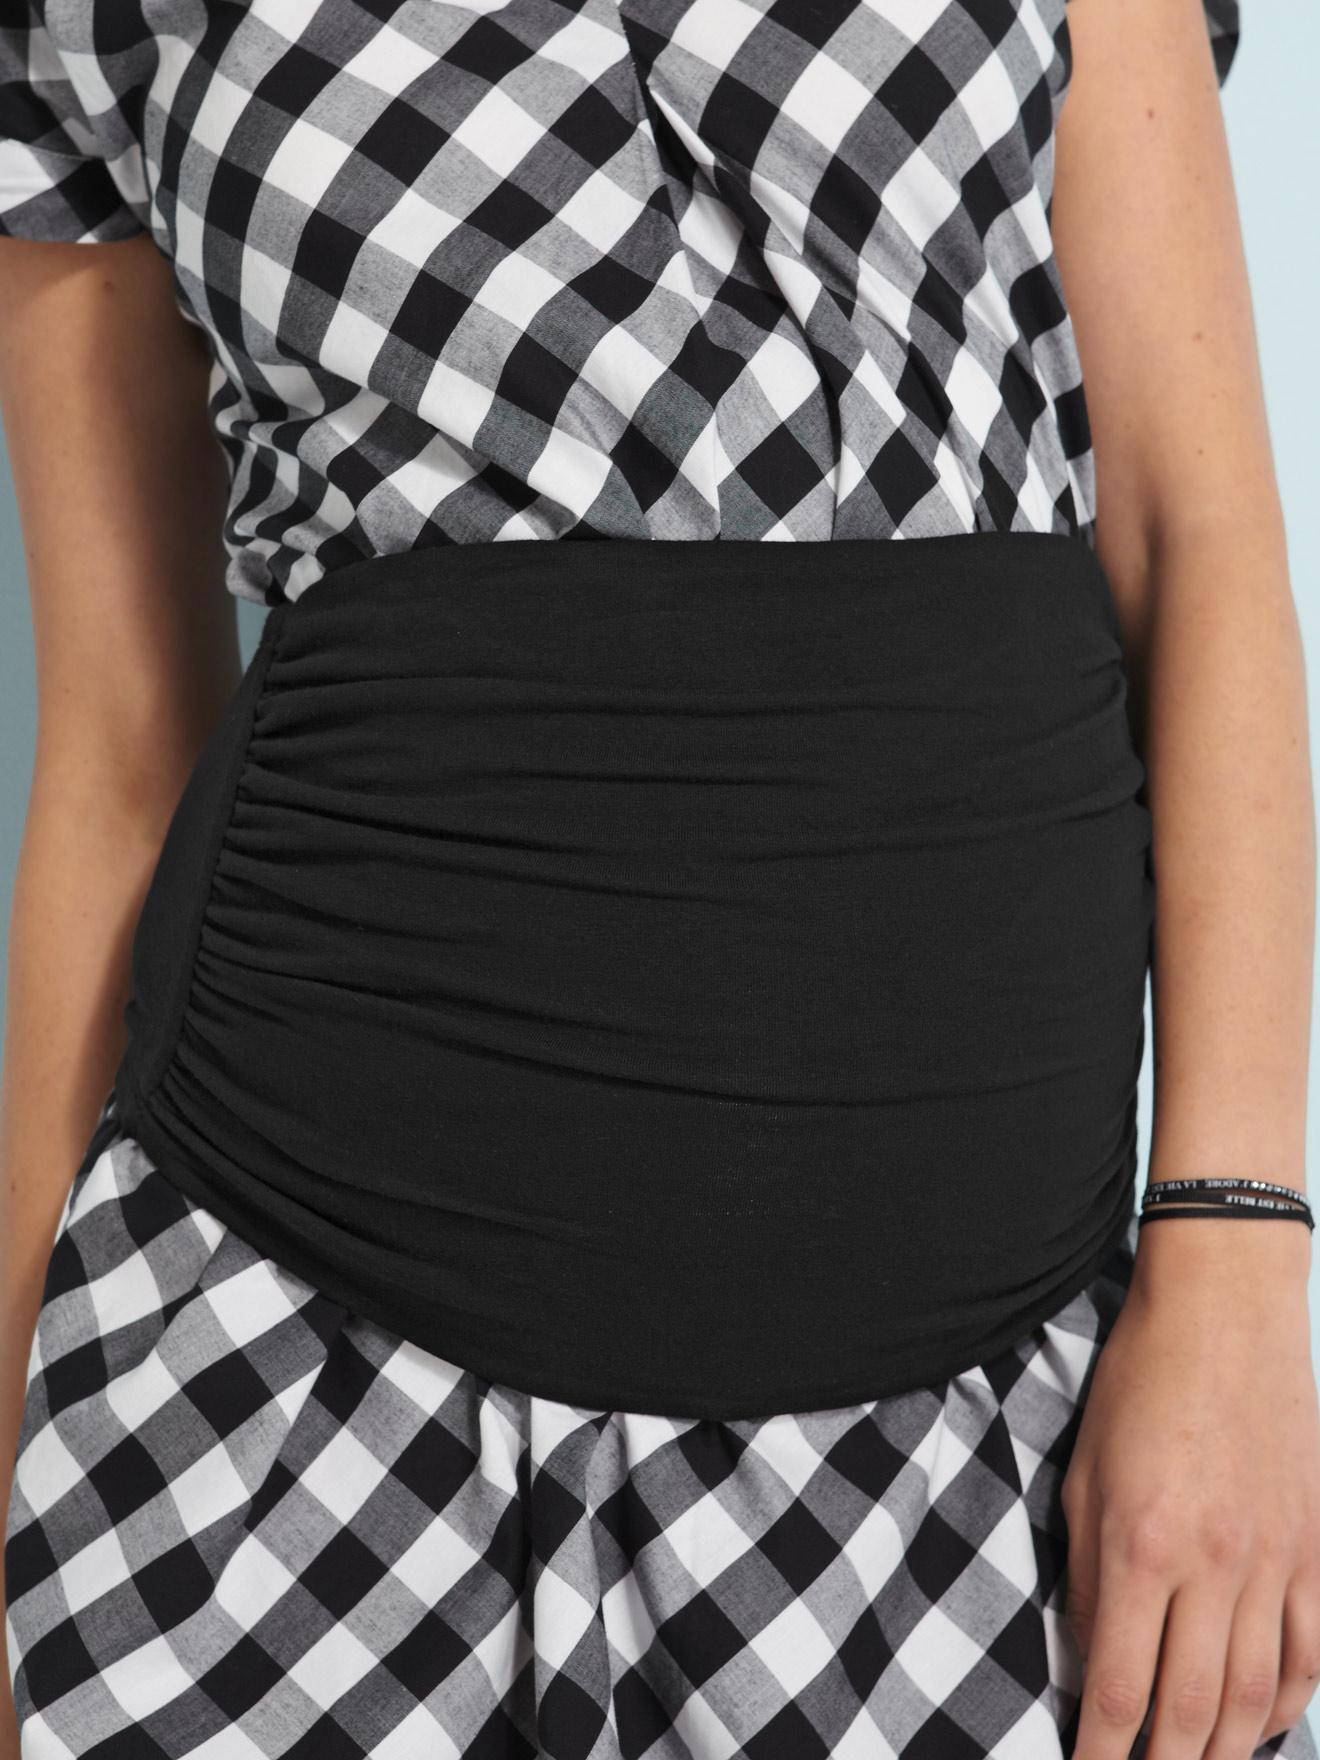 801dcaba5 banda cinturon maternidad